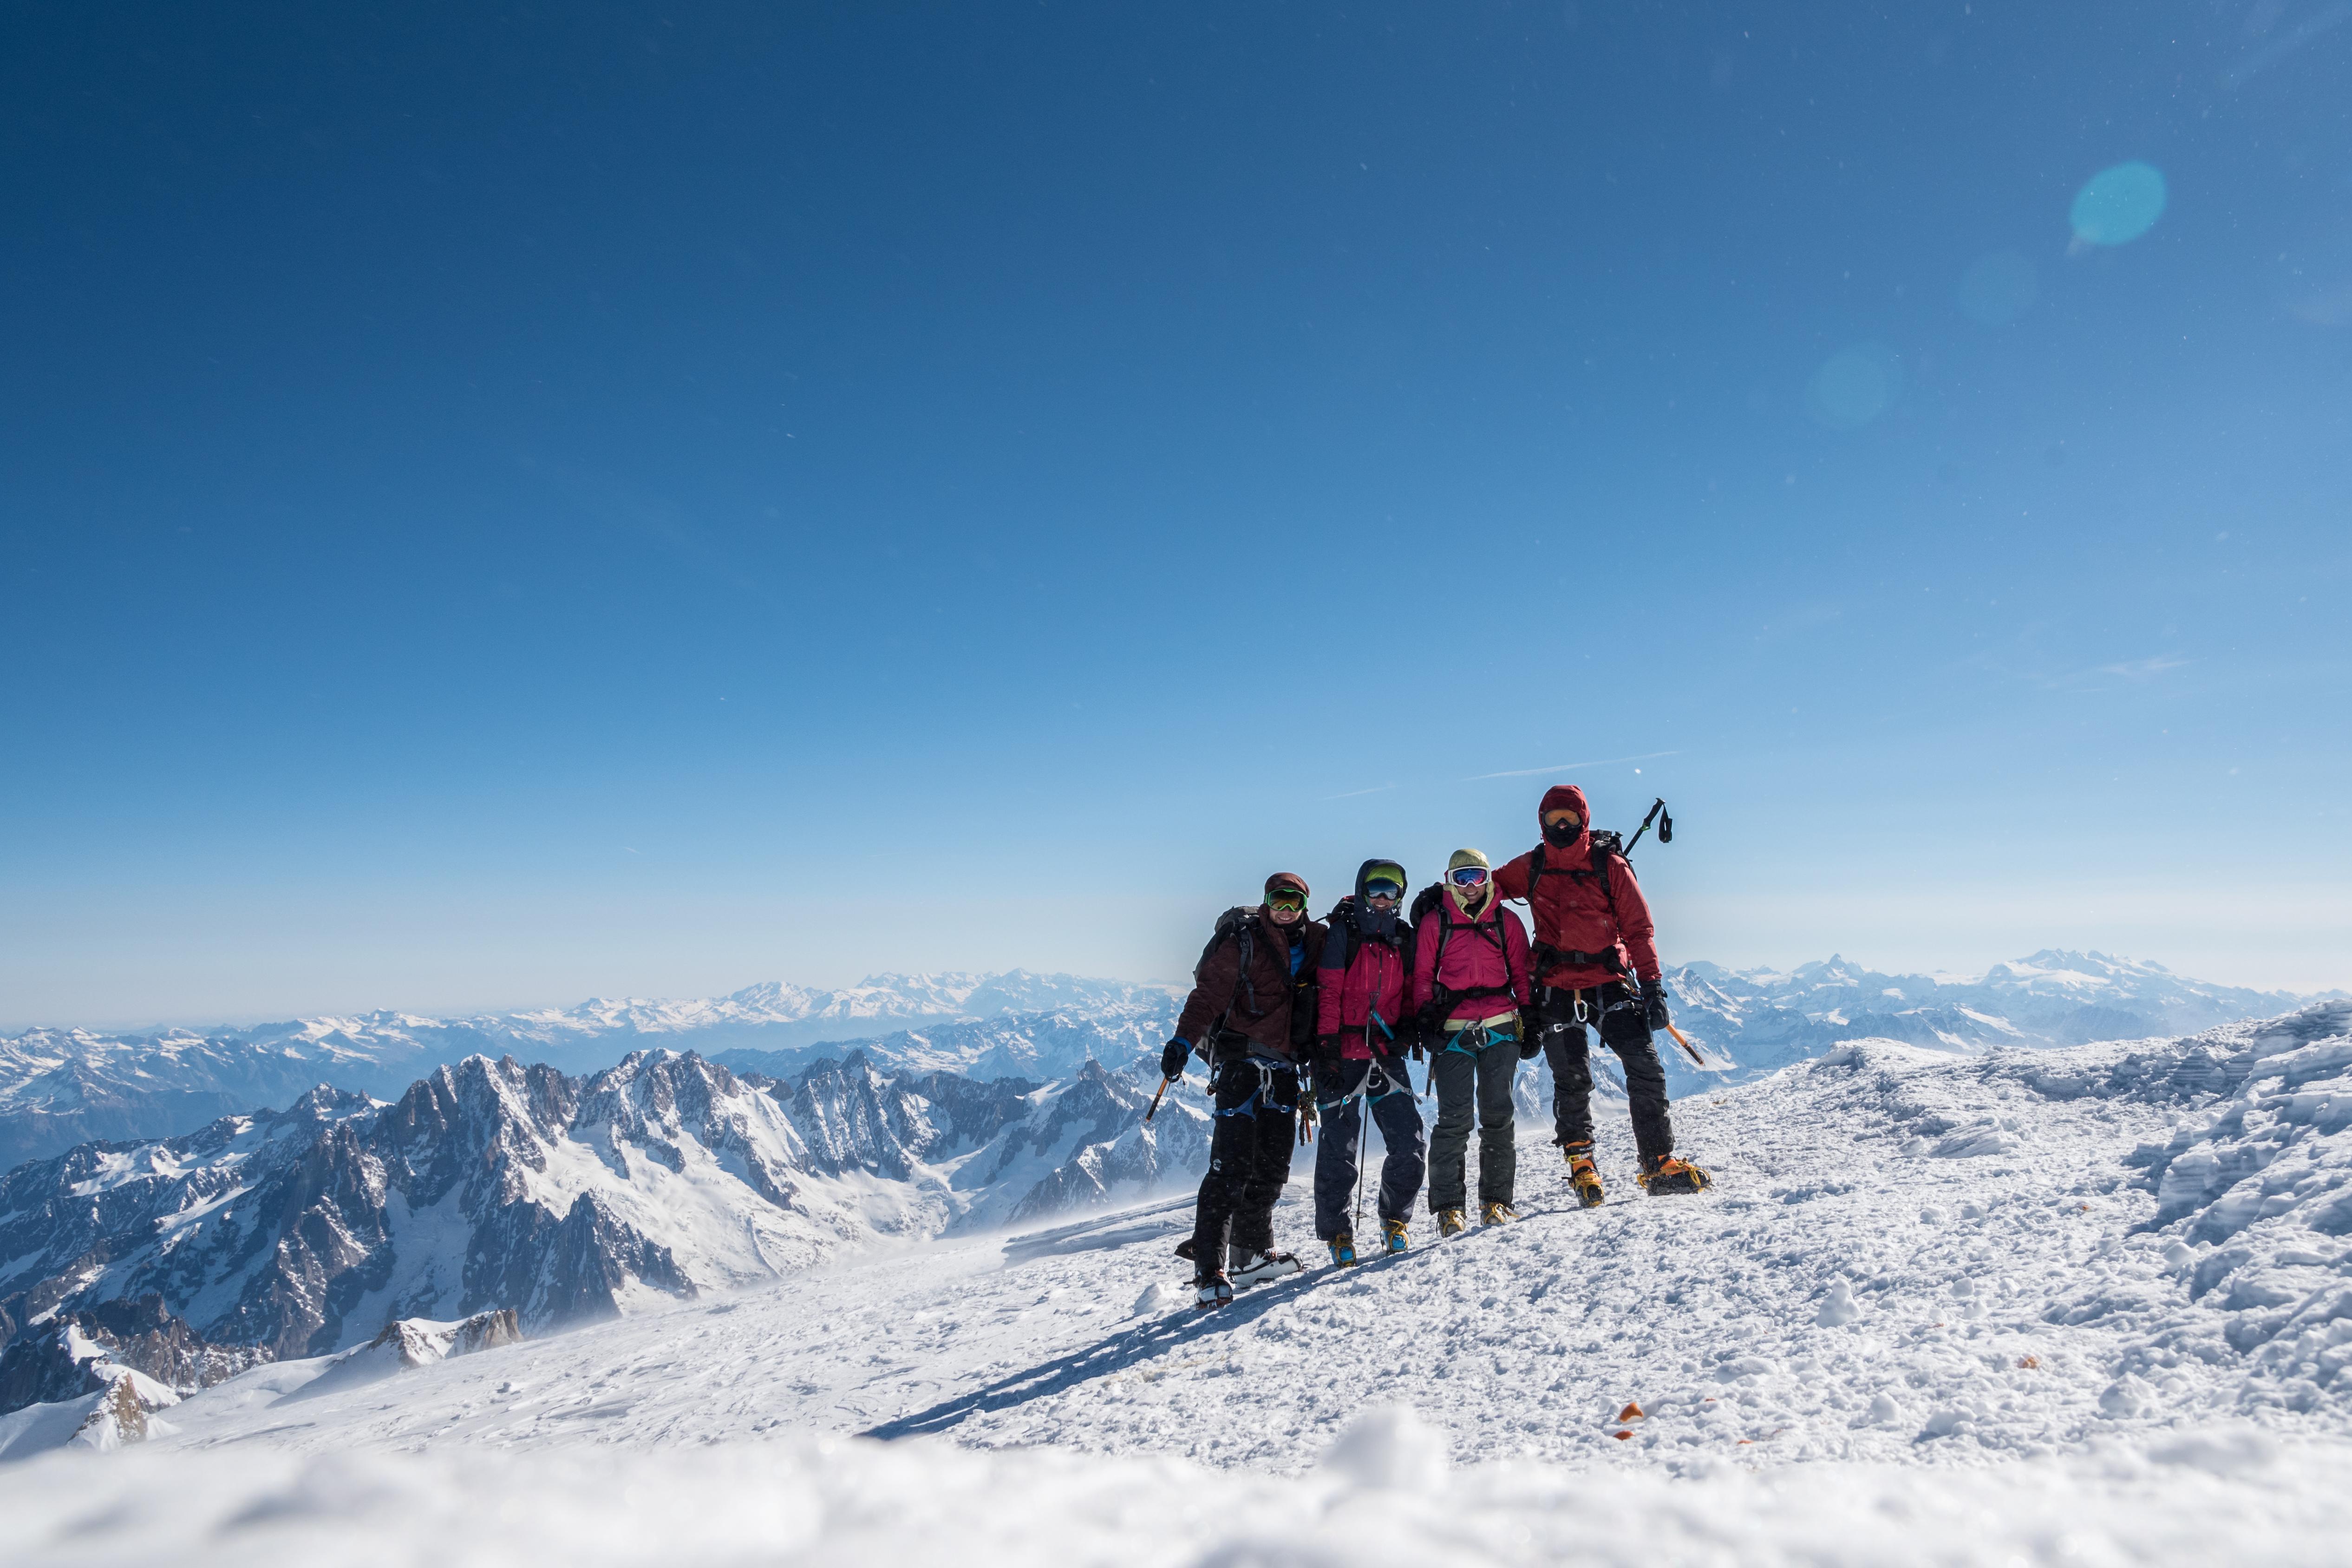 Winterbesteigung Mont Blanc: ein großartiger Weg mit einem großartigen Team